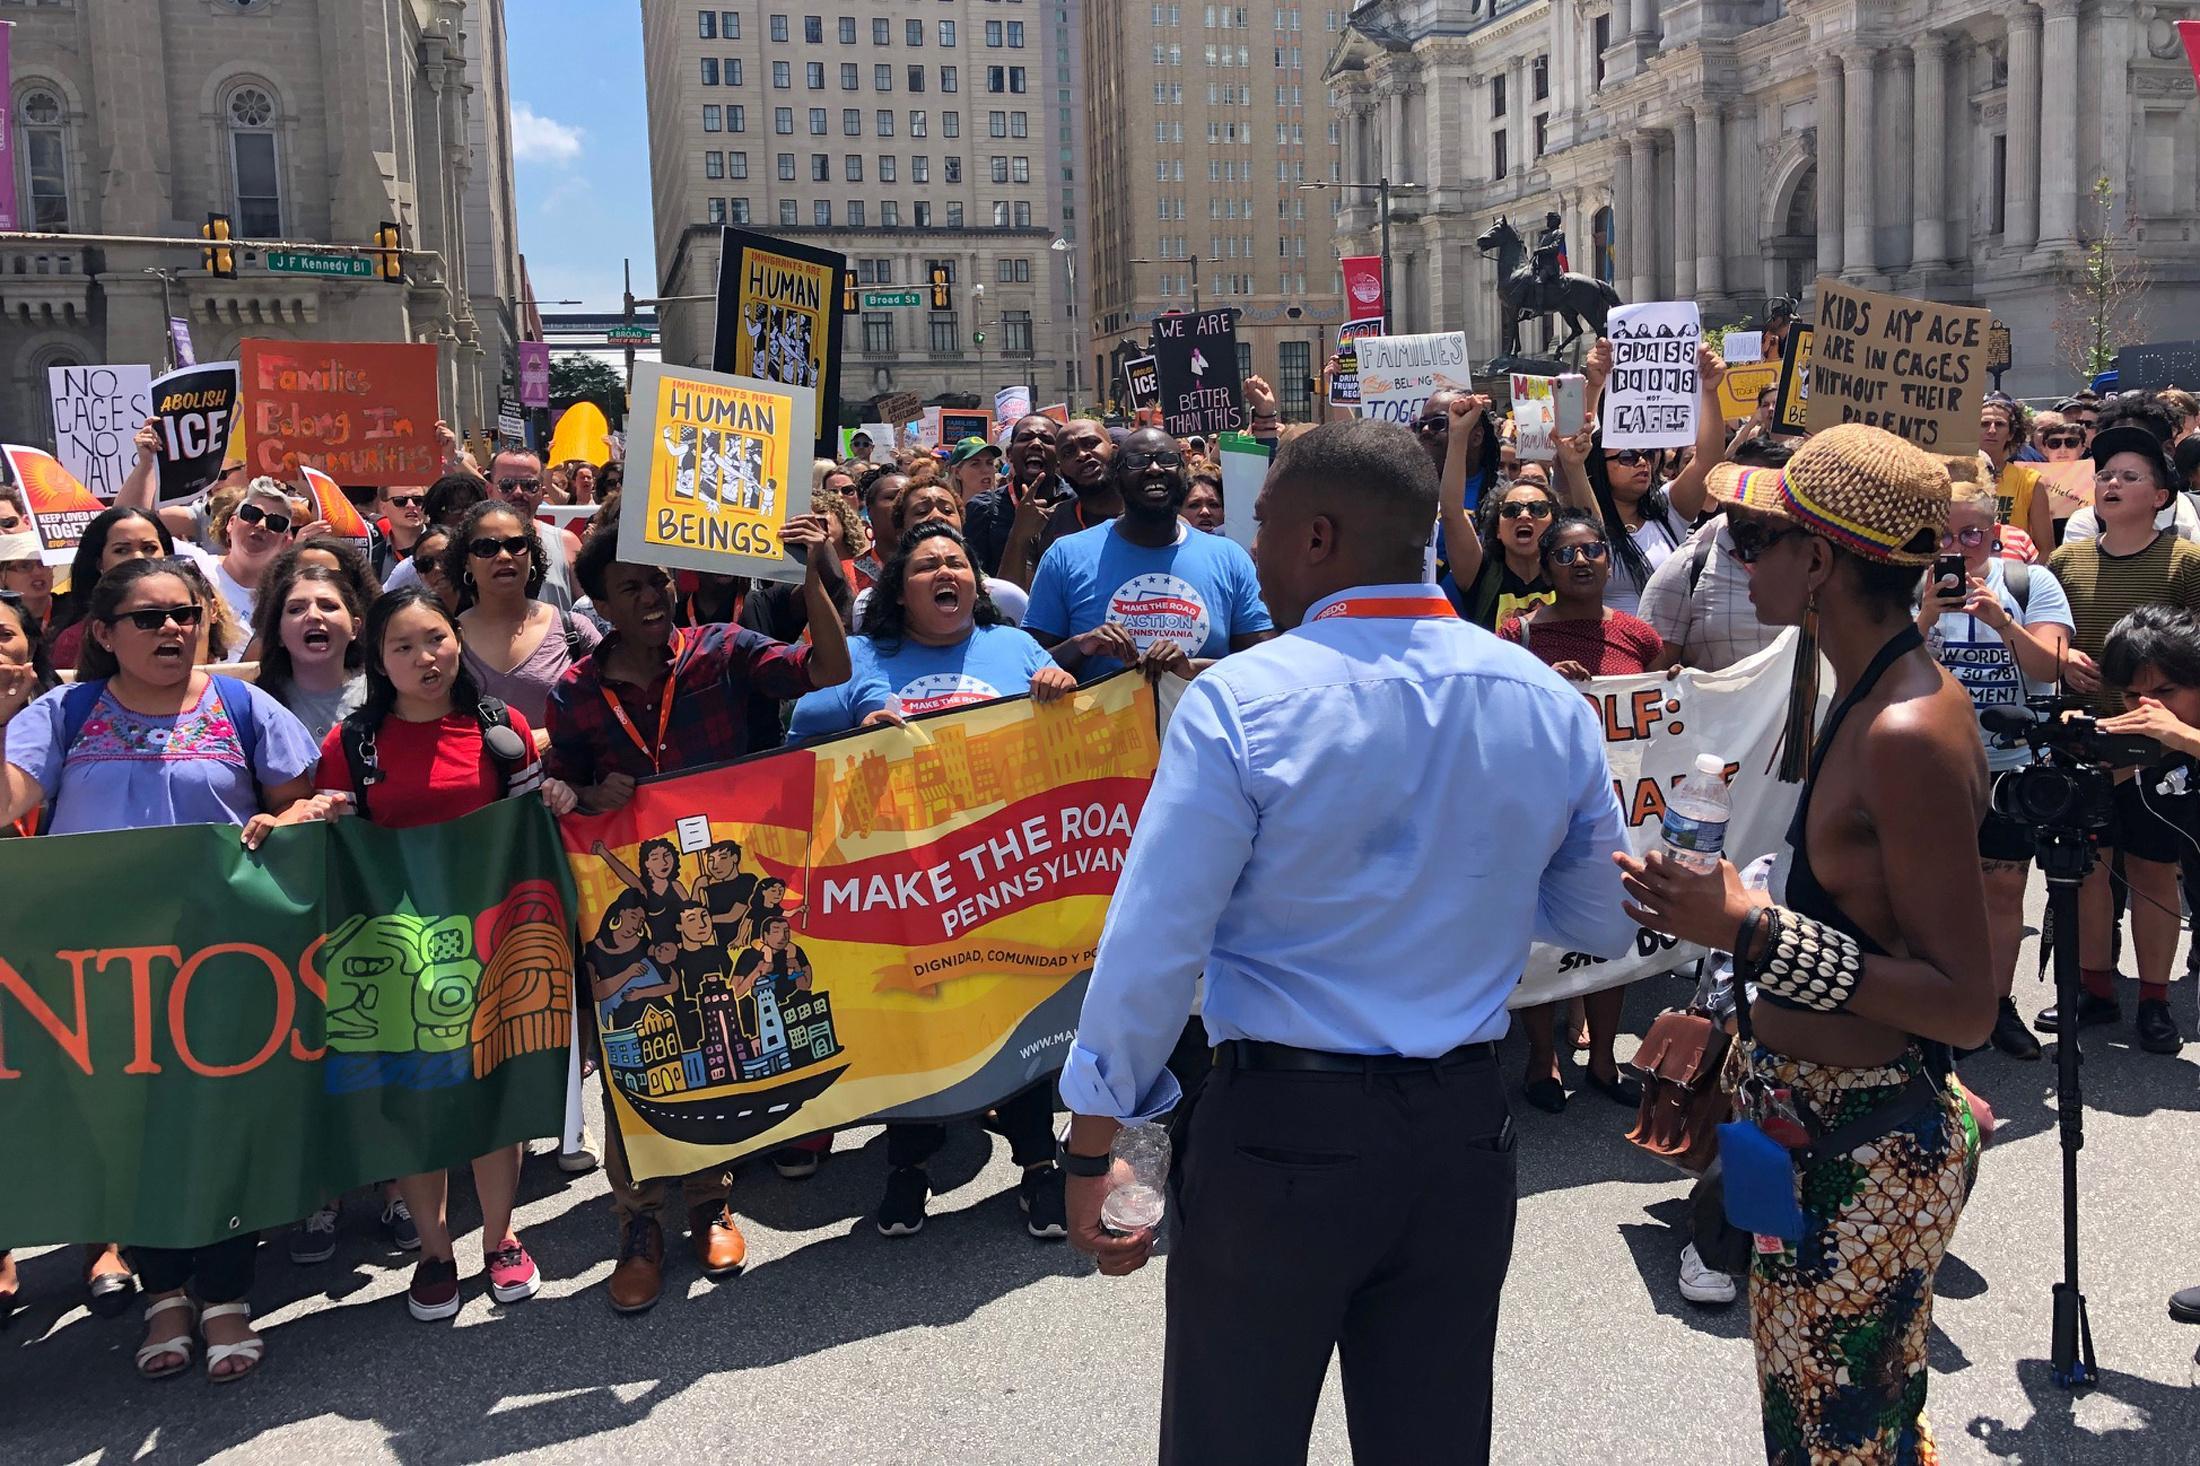 La répression contre les familles immigrées va commencer dimanche, dit Trump